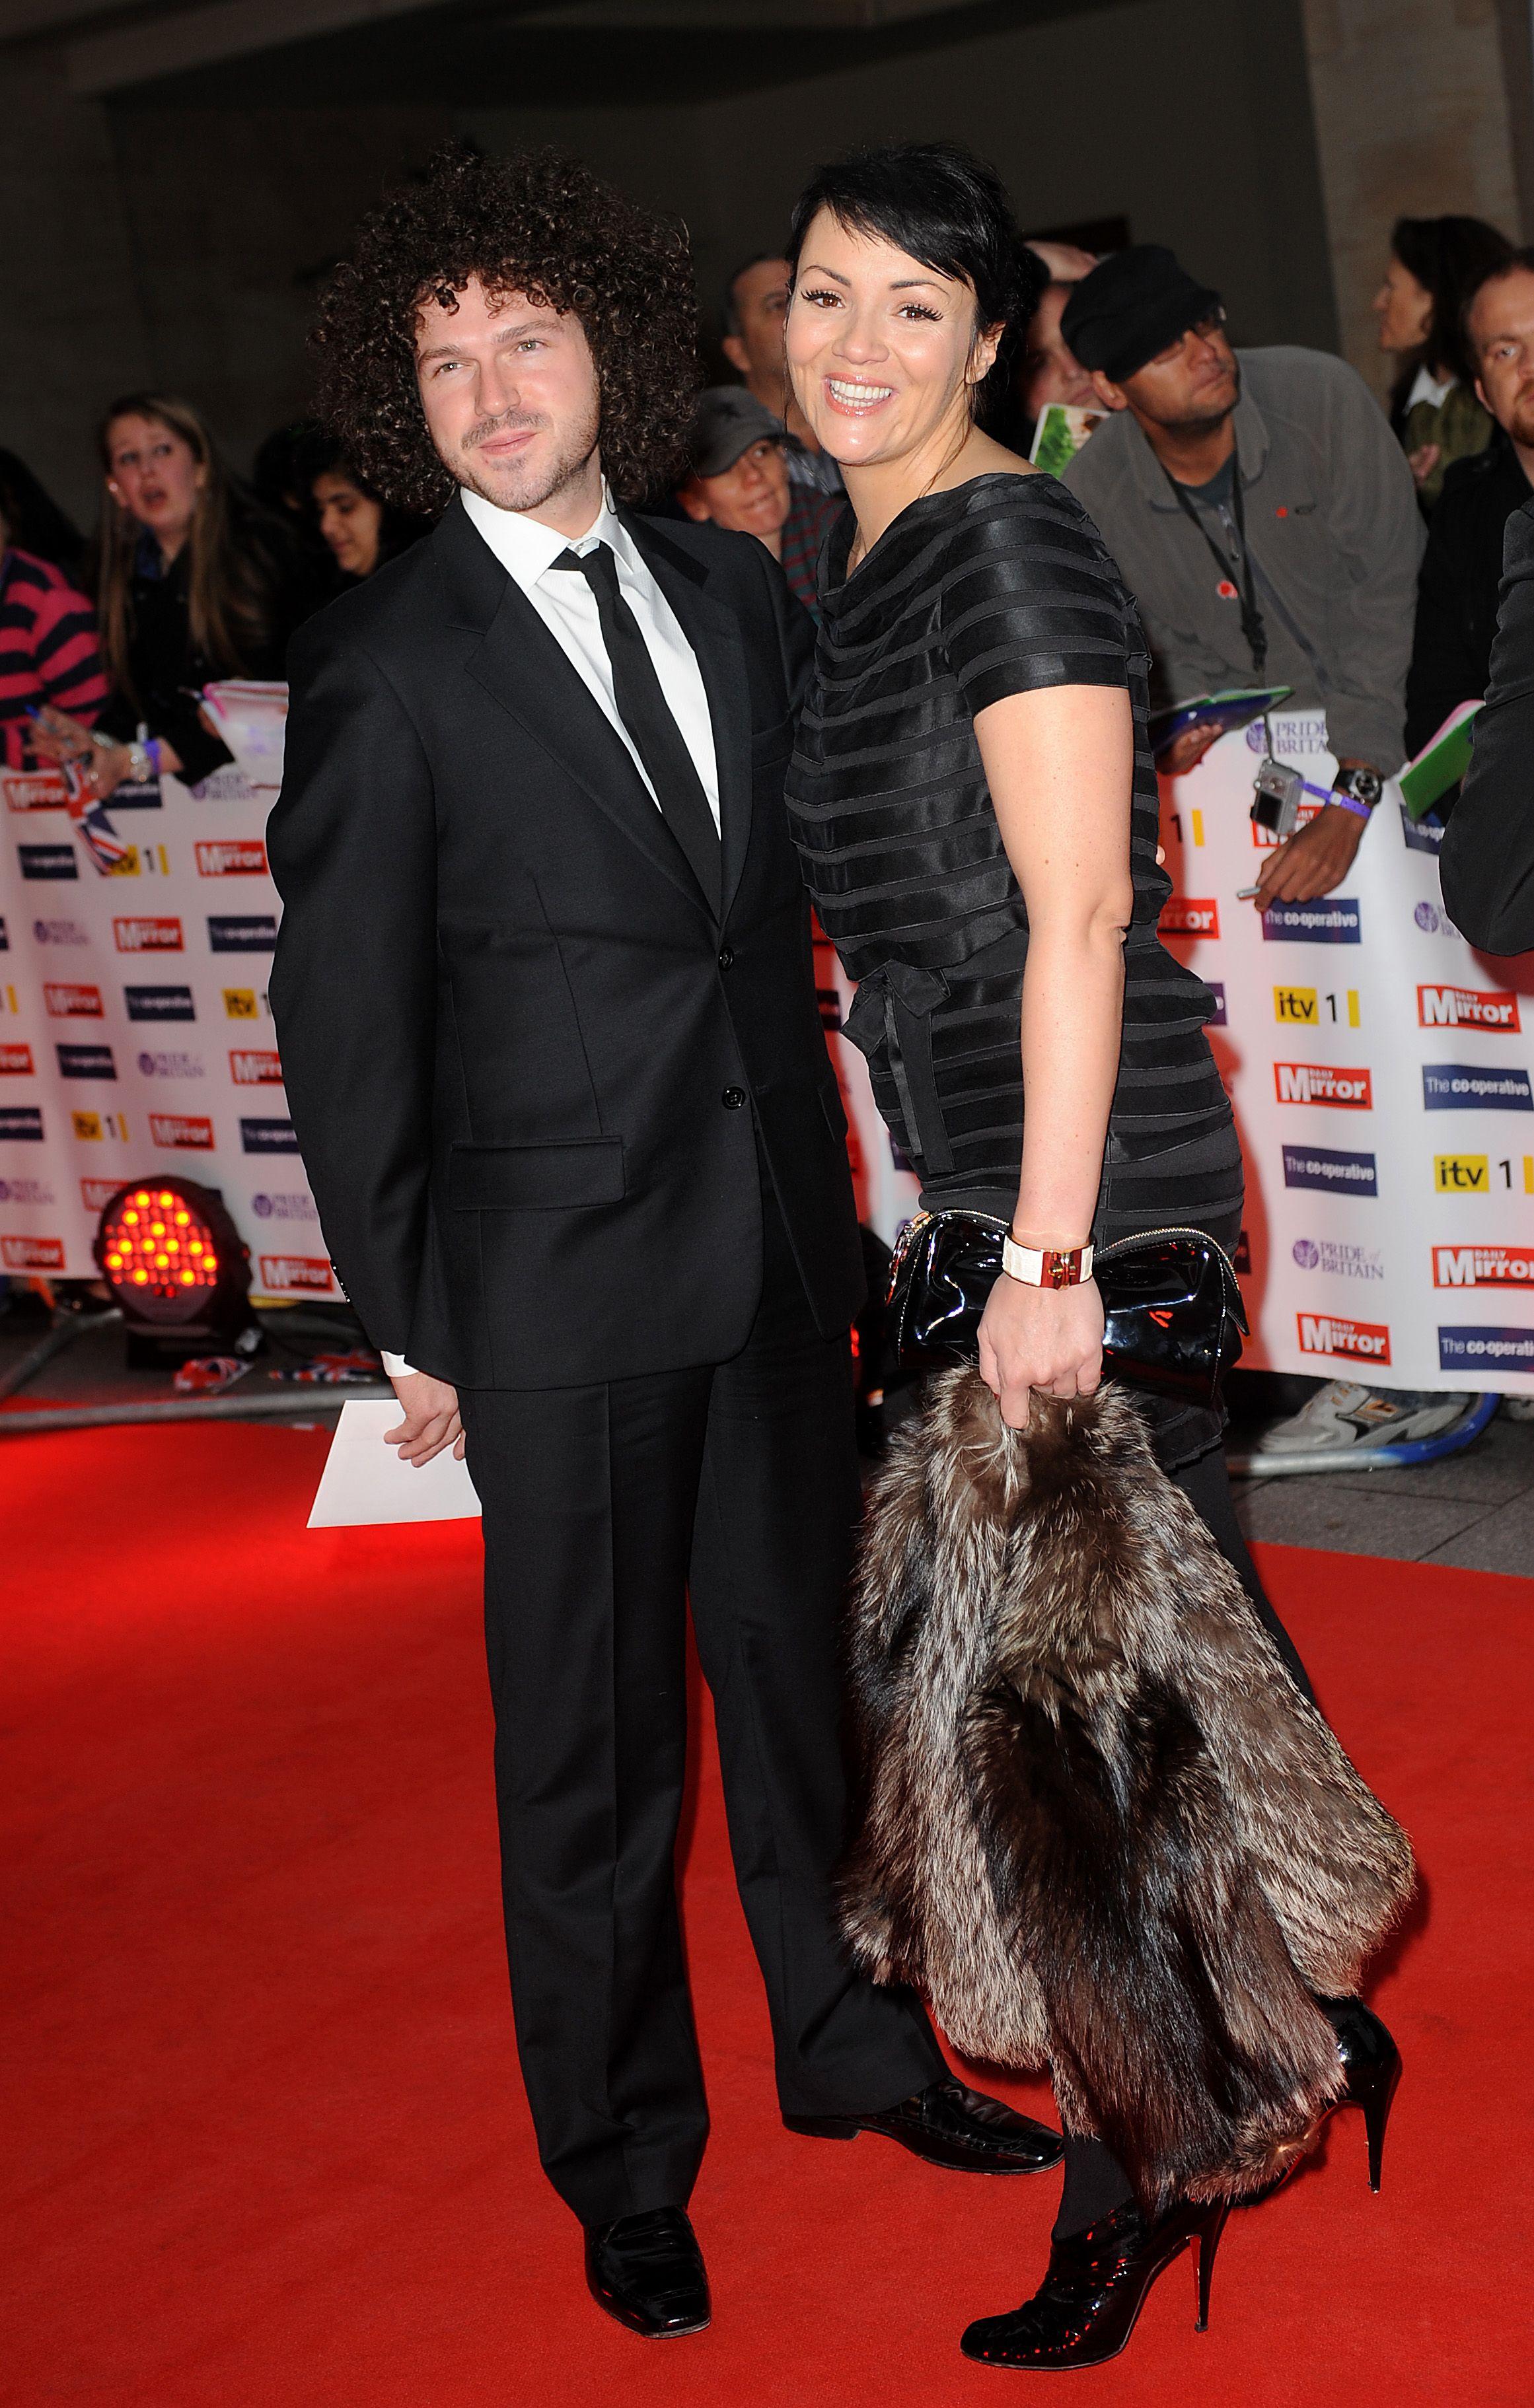 Martine Mccutcheon Marries Boyfriend